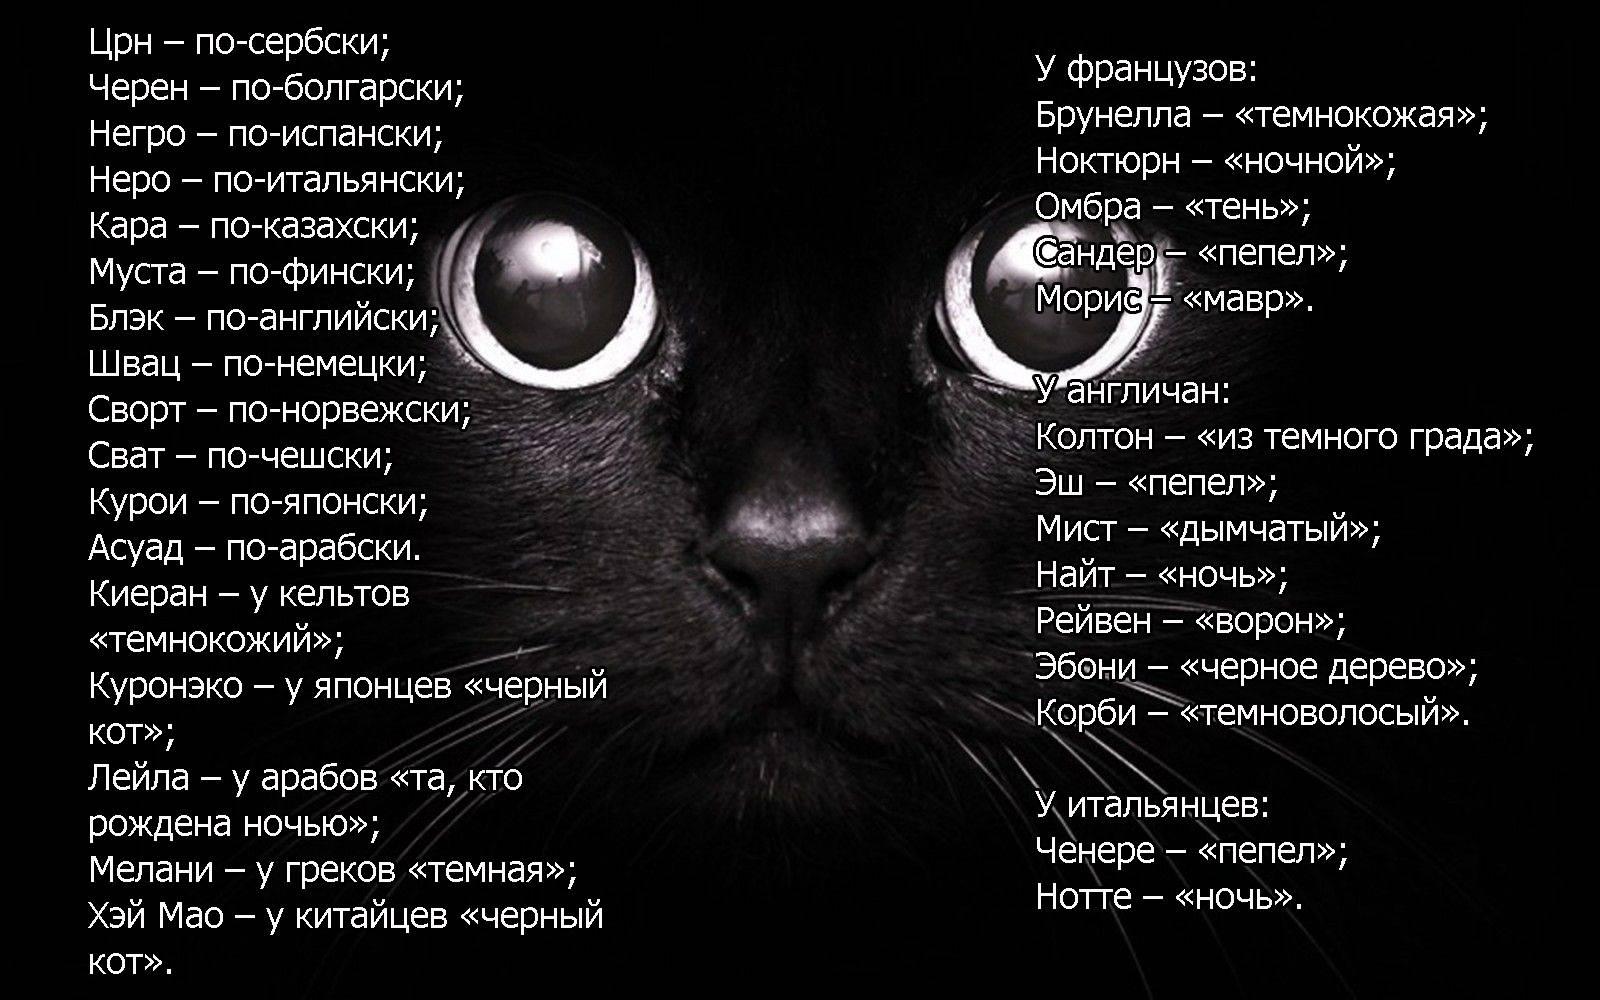 Прикольные и оригинальные имена для котов и кошек